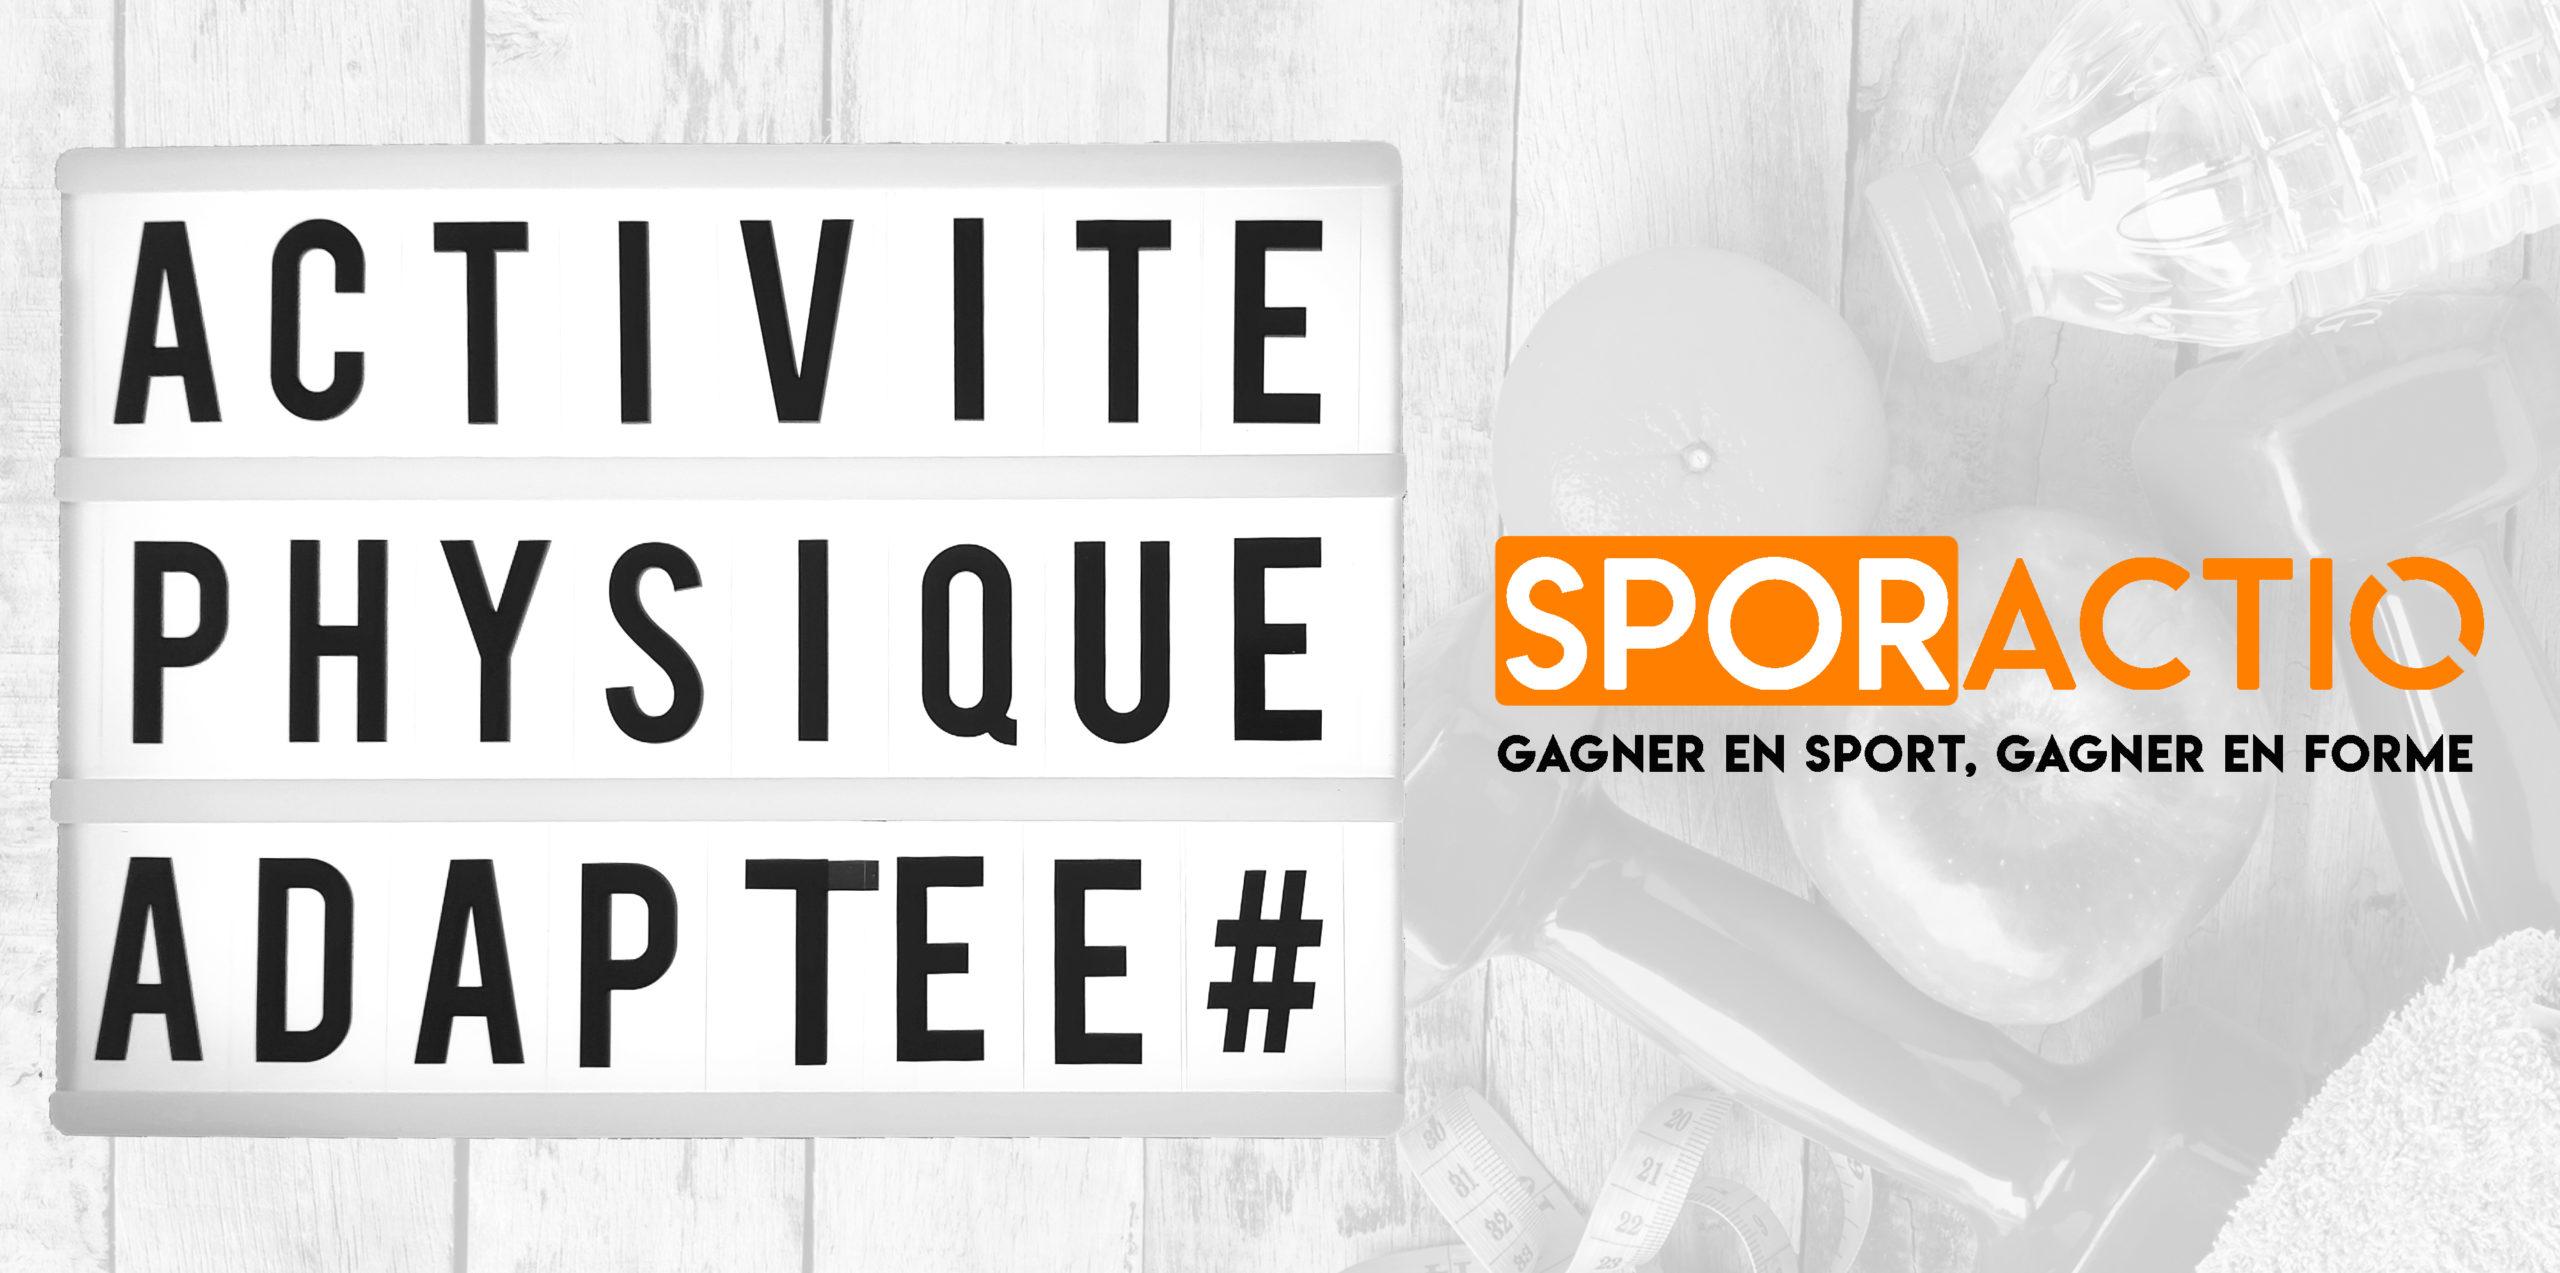 Logo SPORactio Sport Santé Lyon Rhône Activité Physique Adaptée